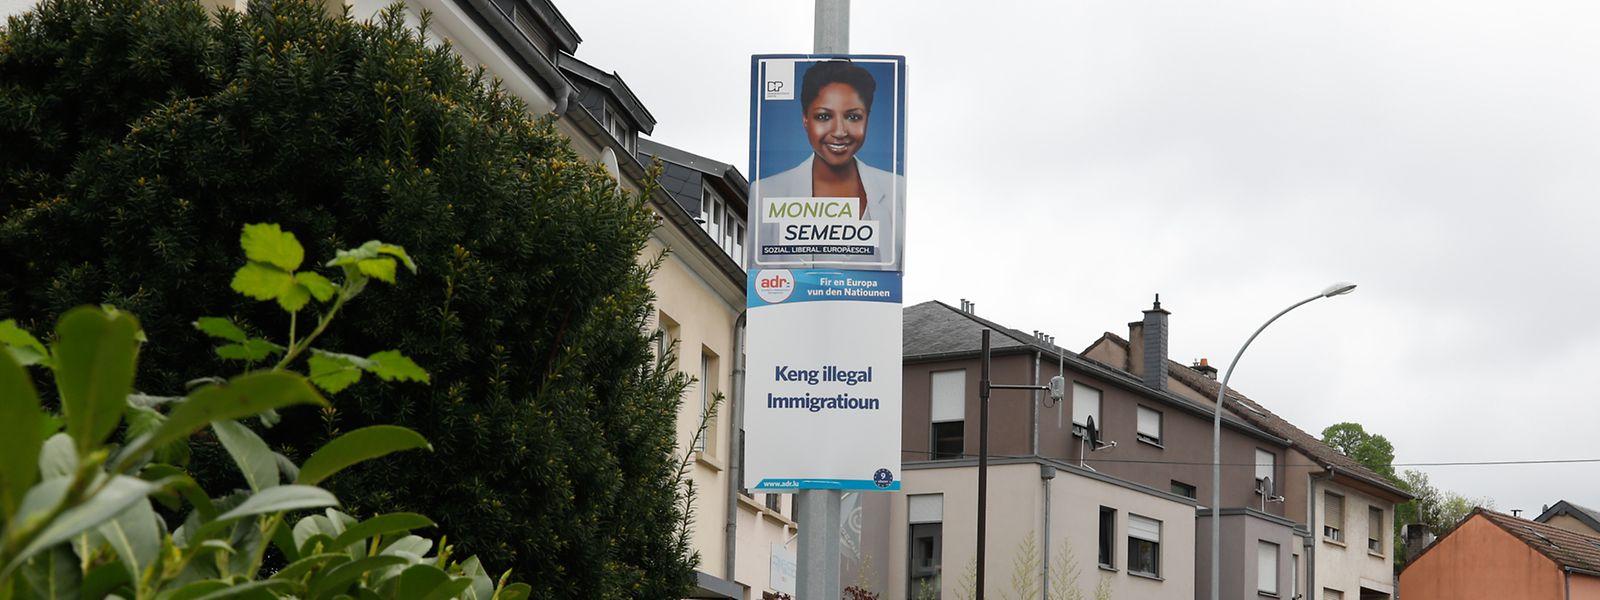 """Mónica Semedo é candidata do DP às eleições europeias. Na rue de Rollingergrund, um cartaz com a sua imagem tem por baixo o slogan do ADR """"Keng illegal Immigratioun"""" (""""não à imigração ilegal"""")."""